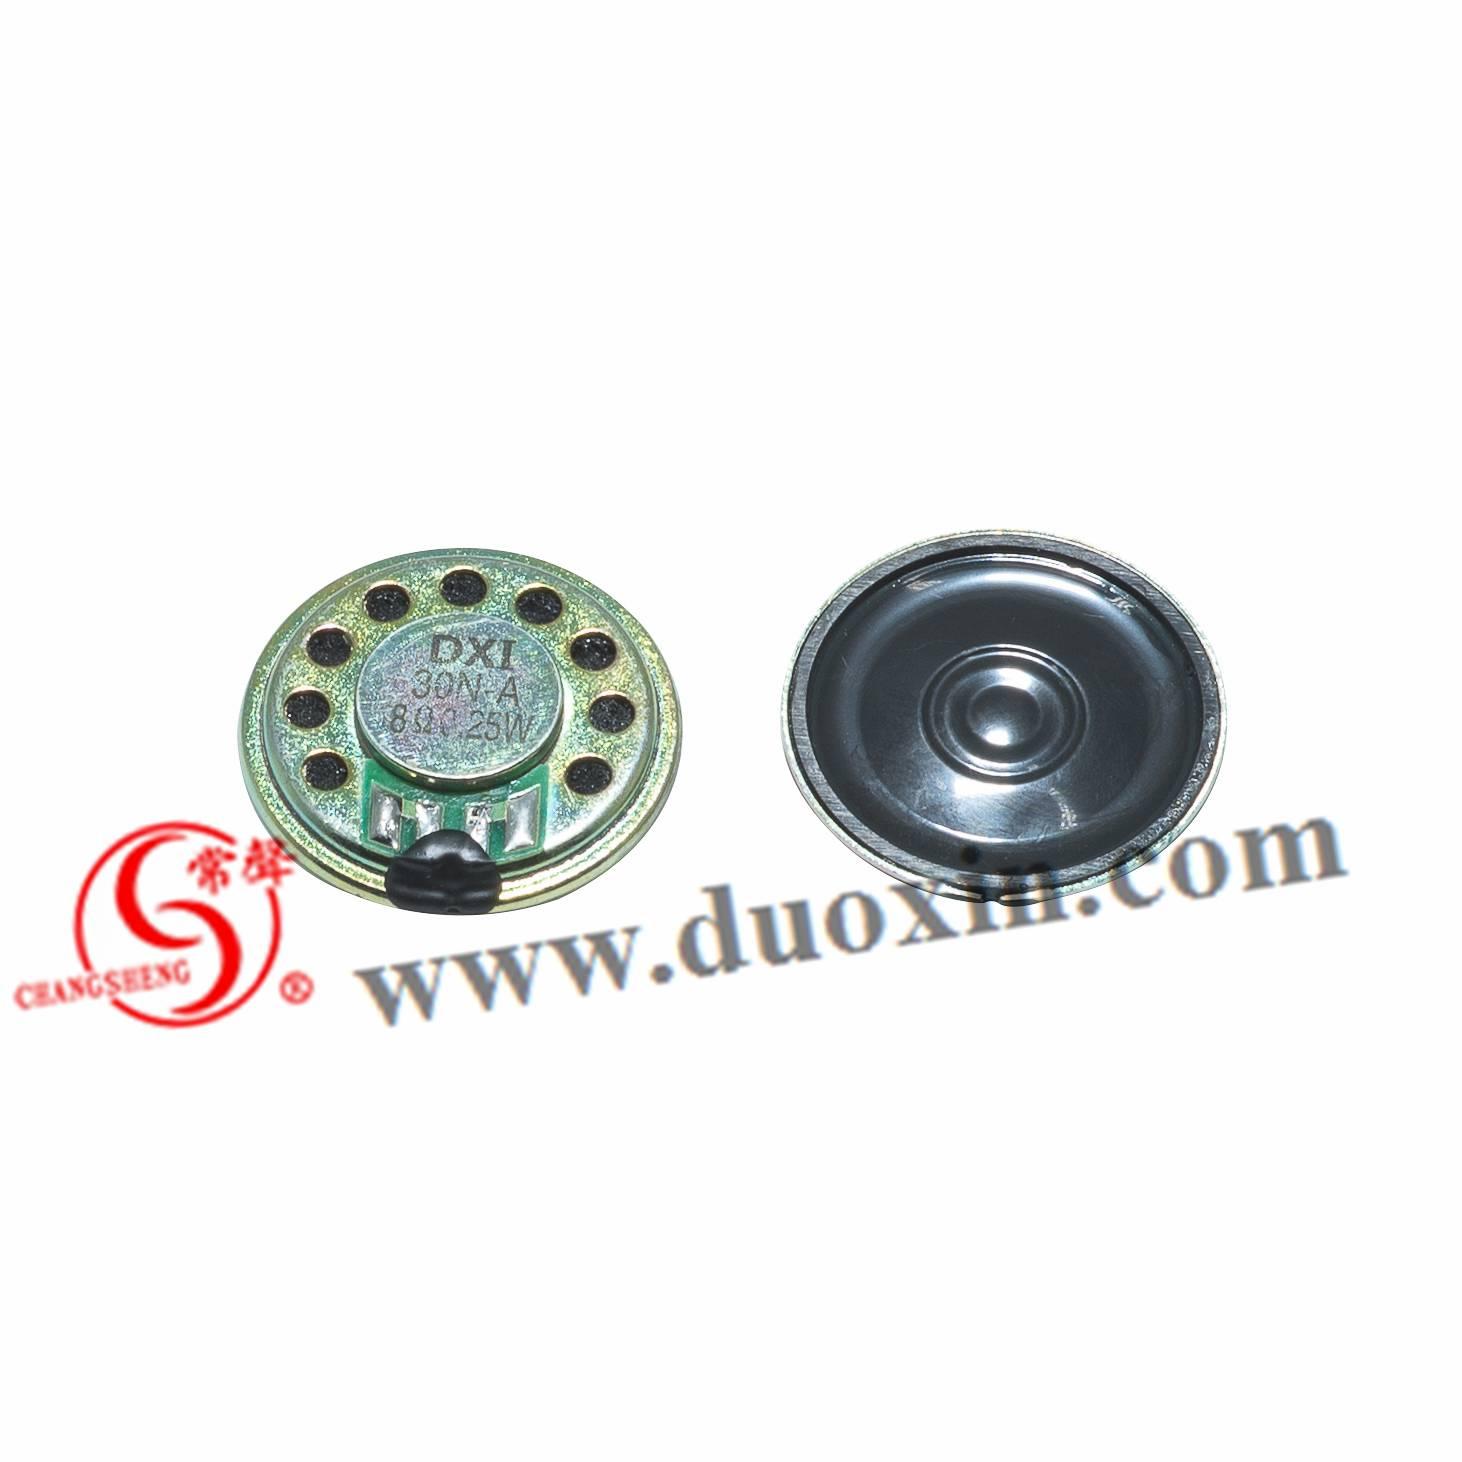 30mm mylar speaker DXI30N-A intercom speaker DVD speaker